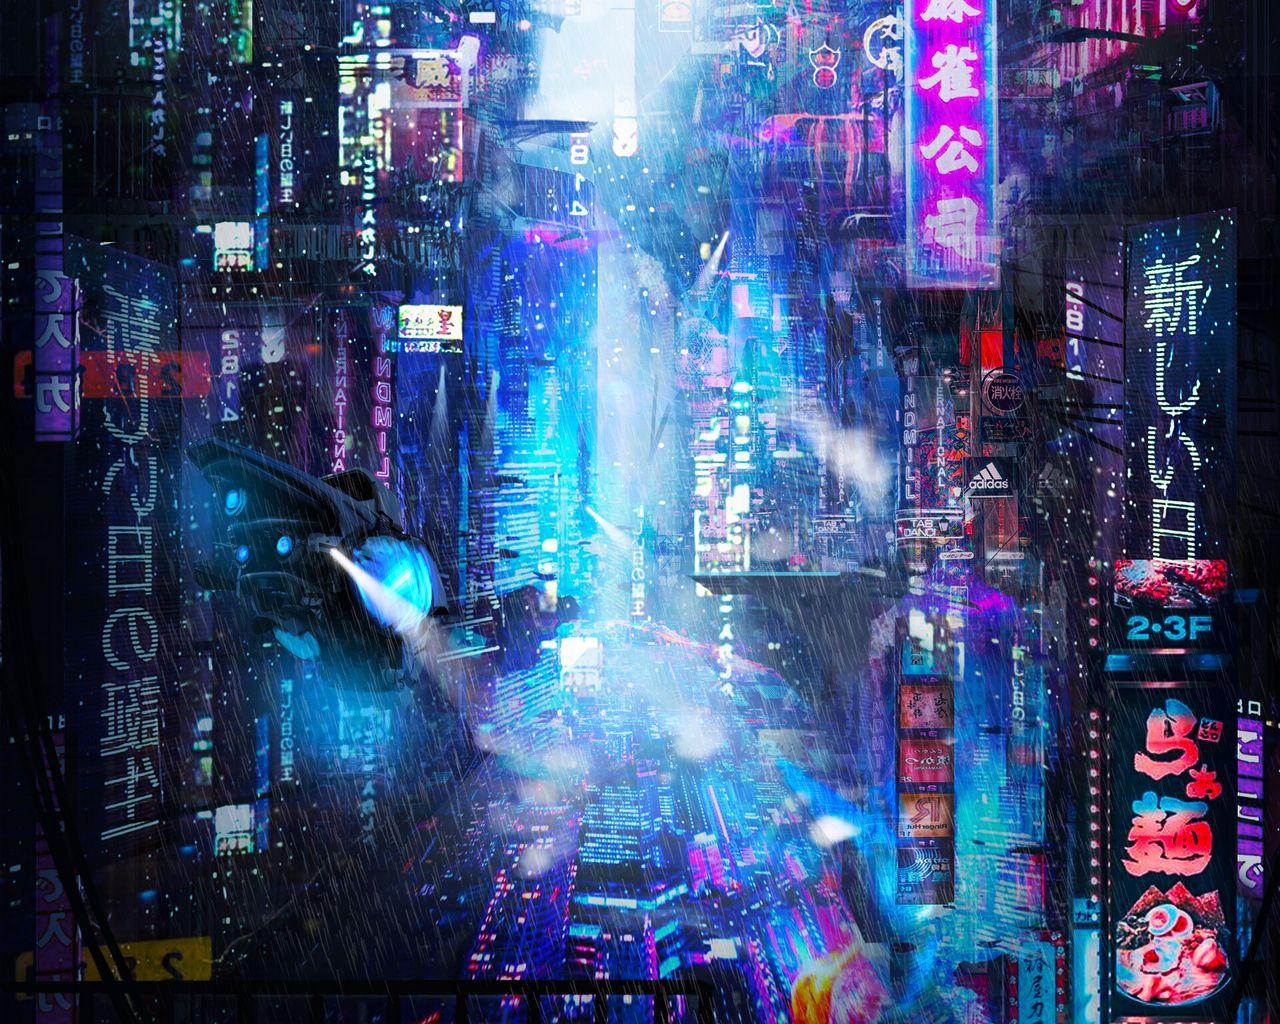 1280x1024 Wallpaper future, neon, city, rain